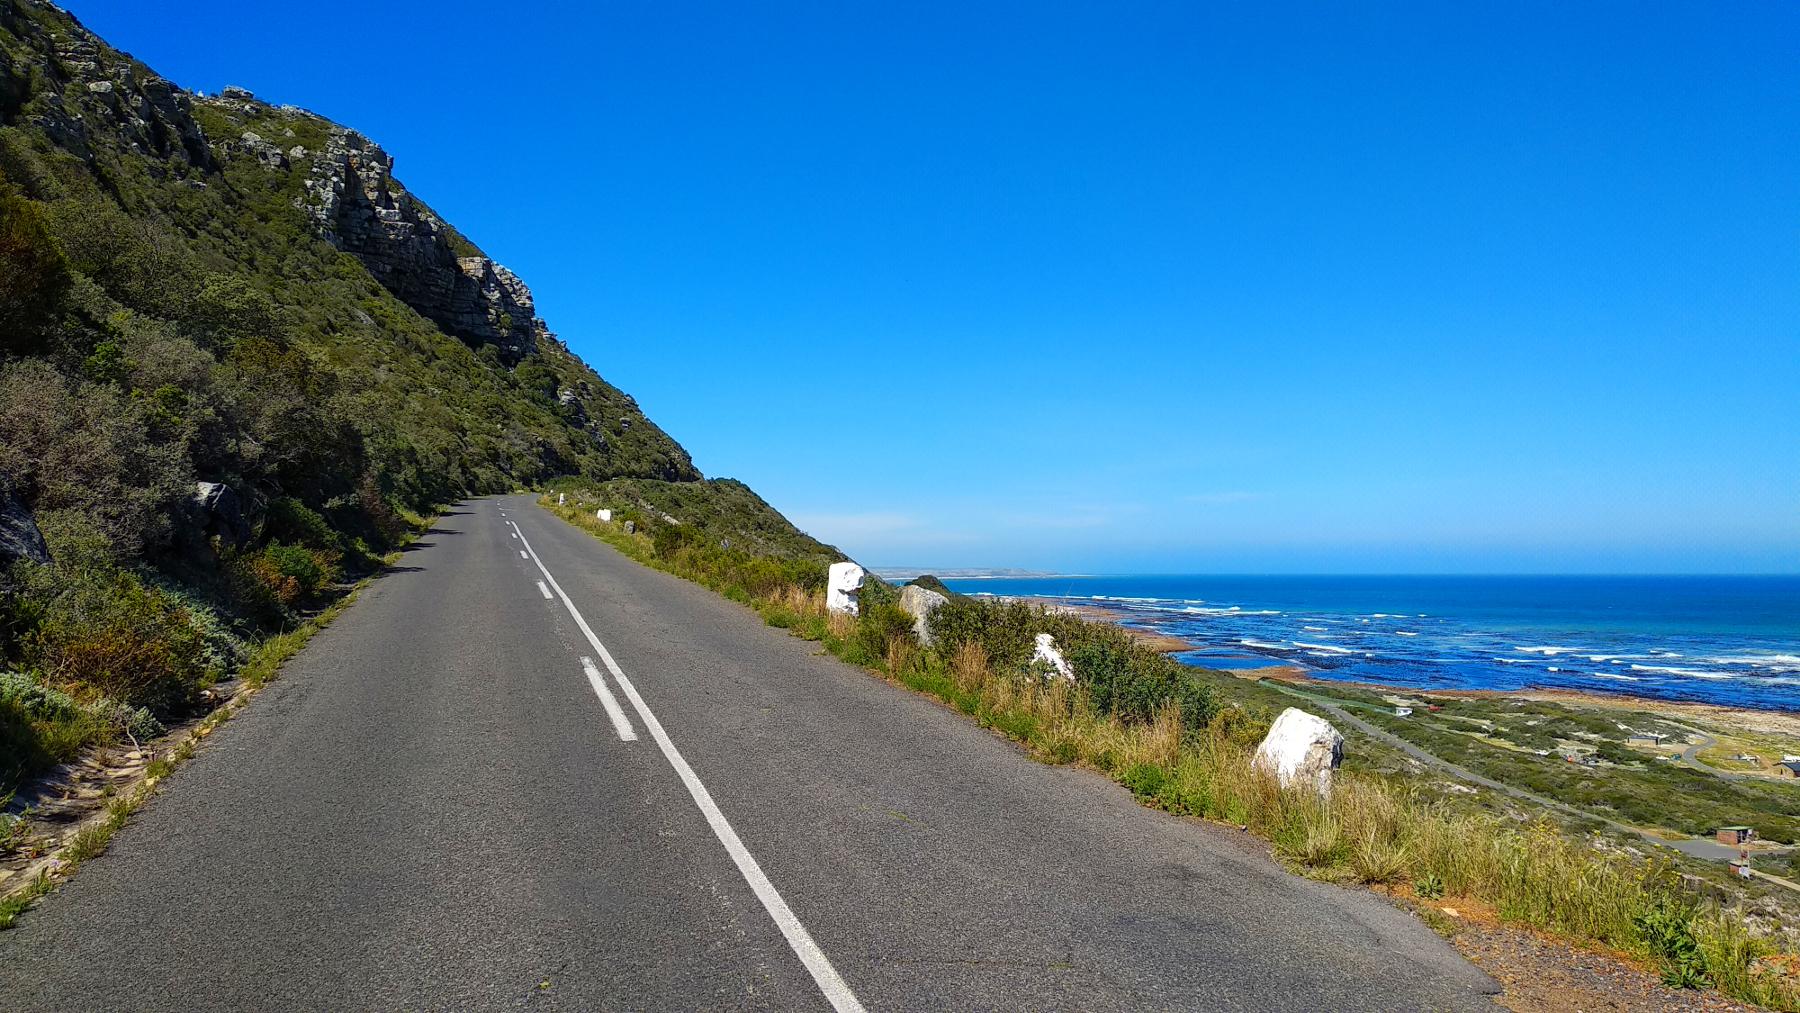 Küstenstraße auf der Kap-Halbinsel